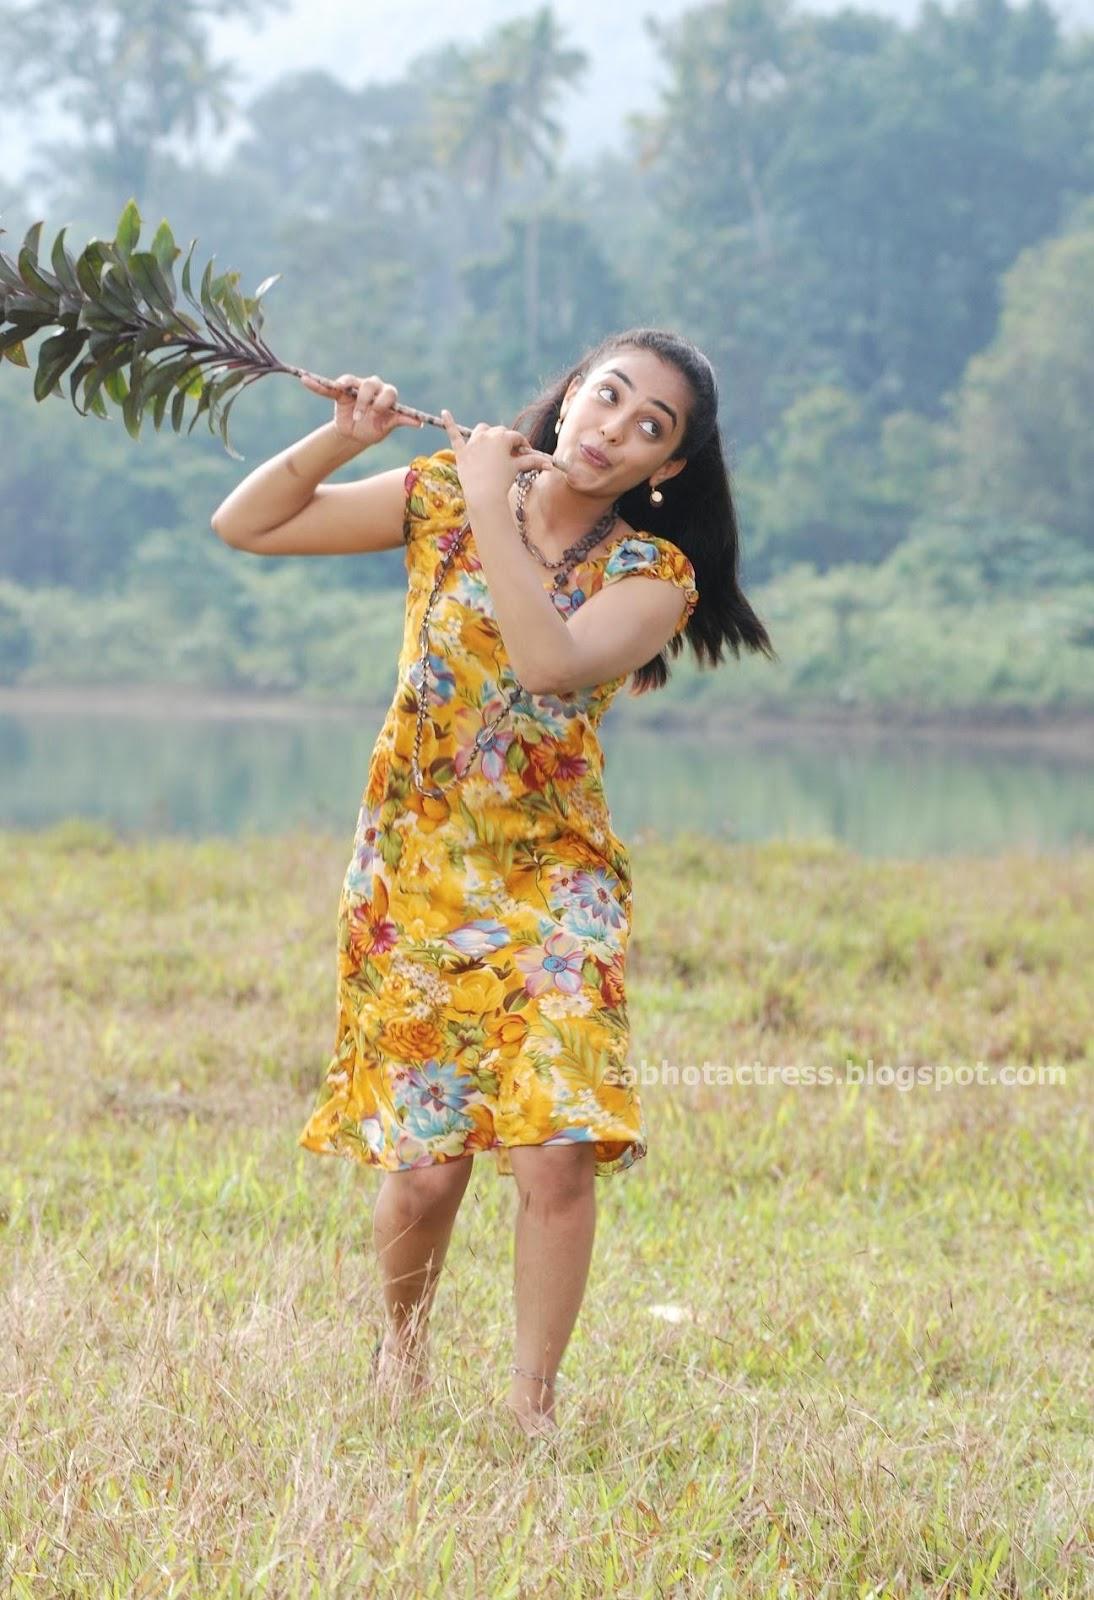 sab hot actress nithya menon hot and spicy leg show and